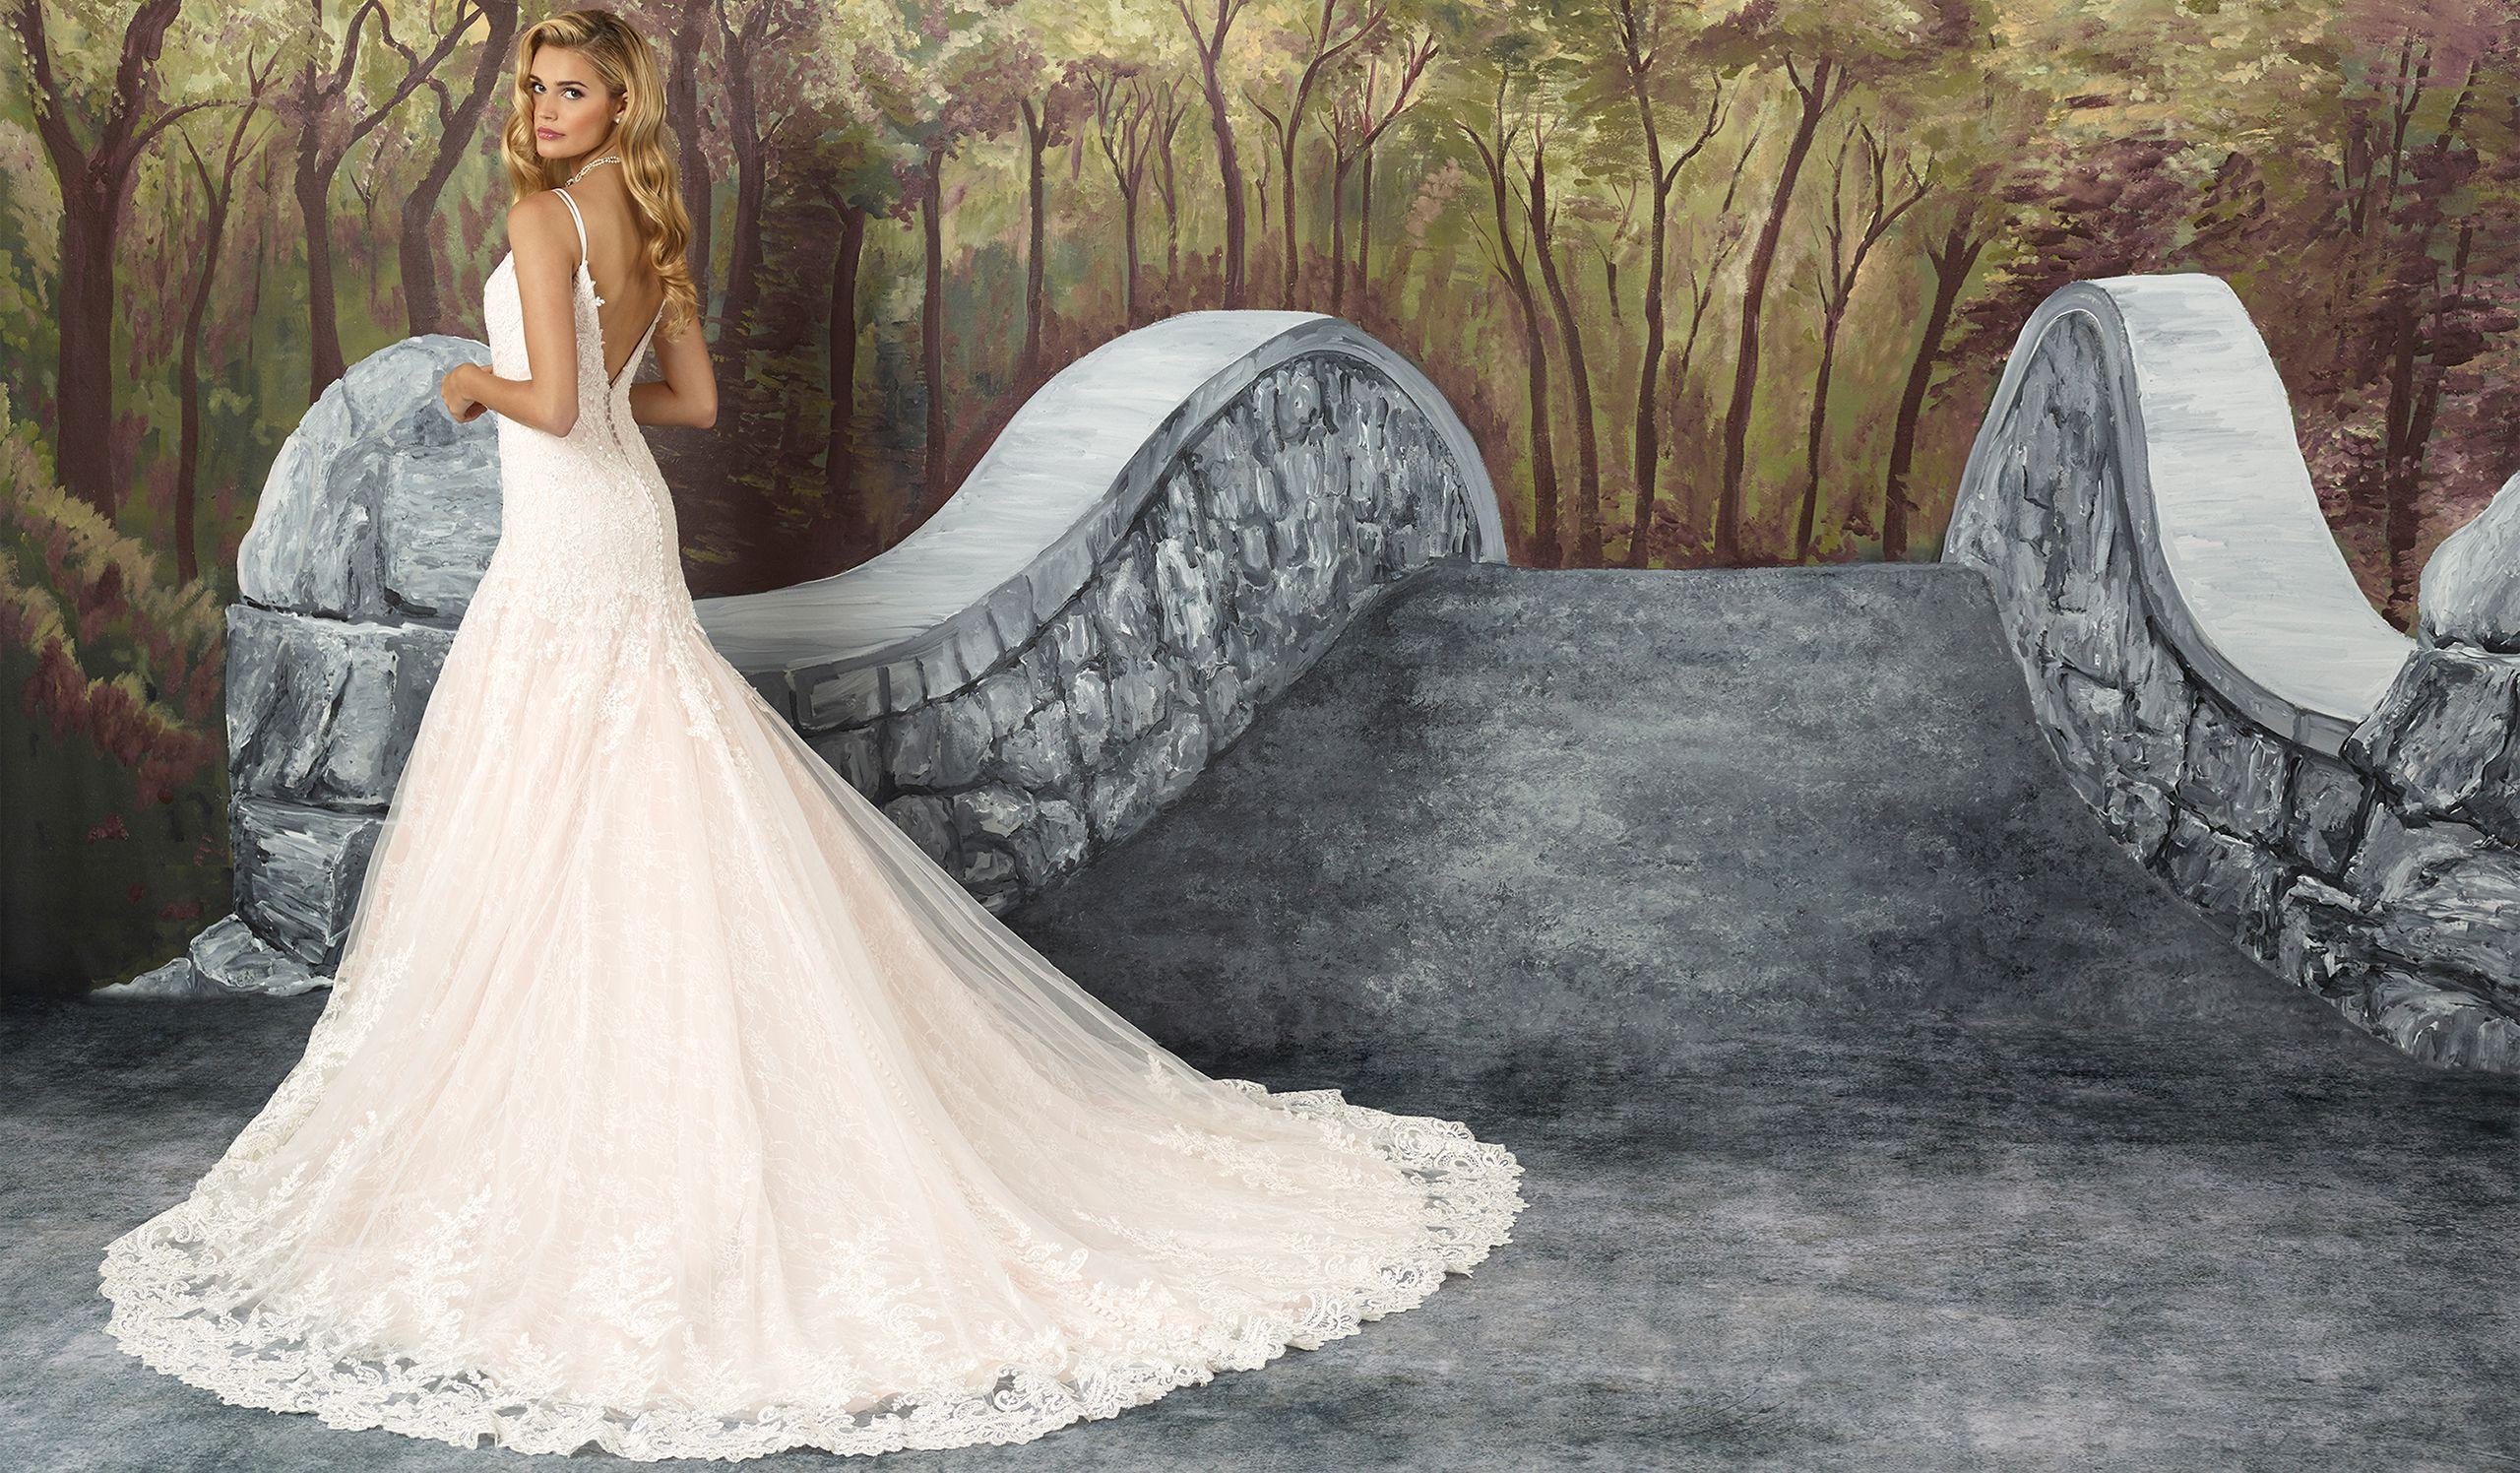 - Модель 8911: Платье А-силуэта с треугольным вырезом на груди из узорного кружева шантильи